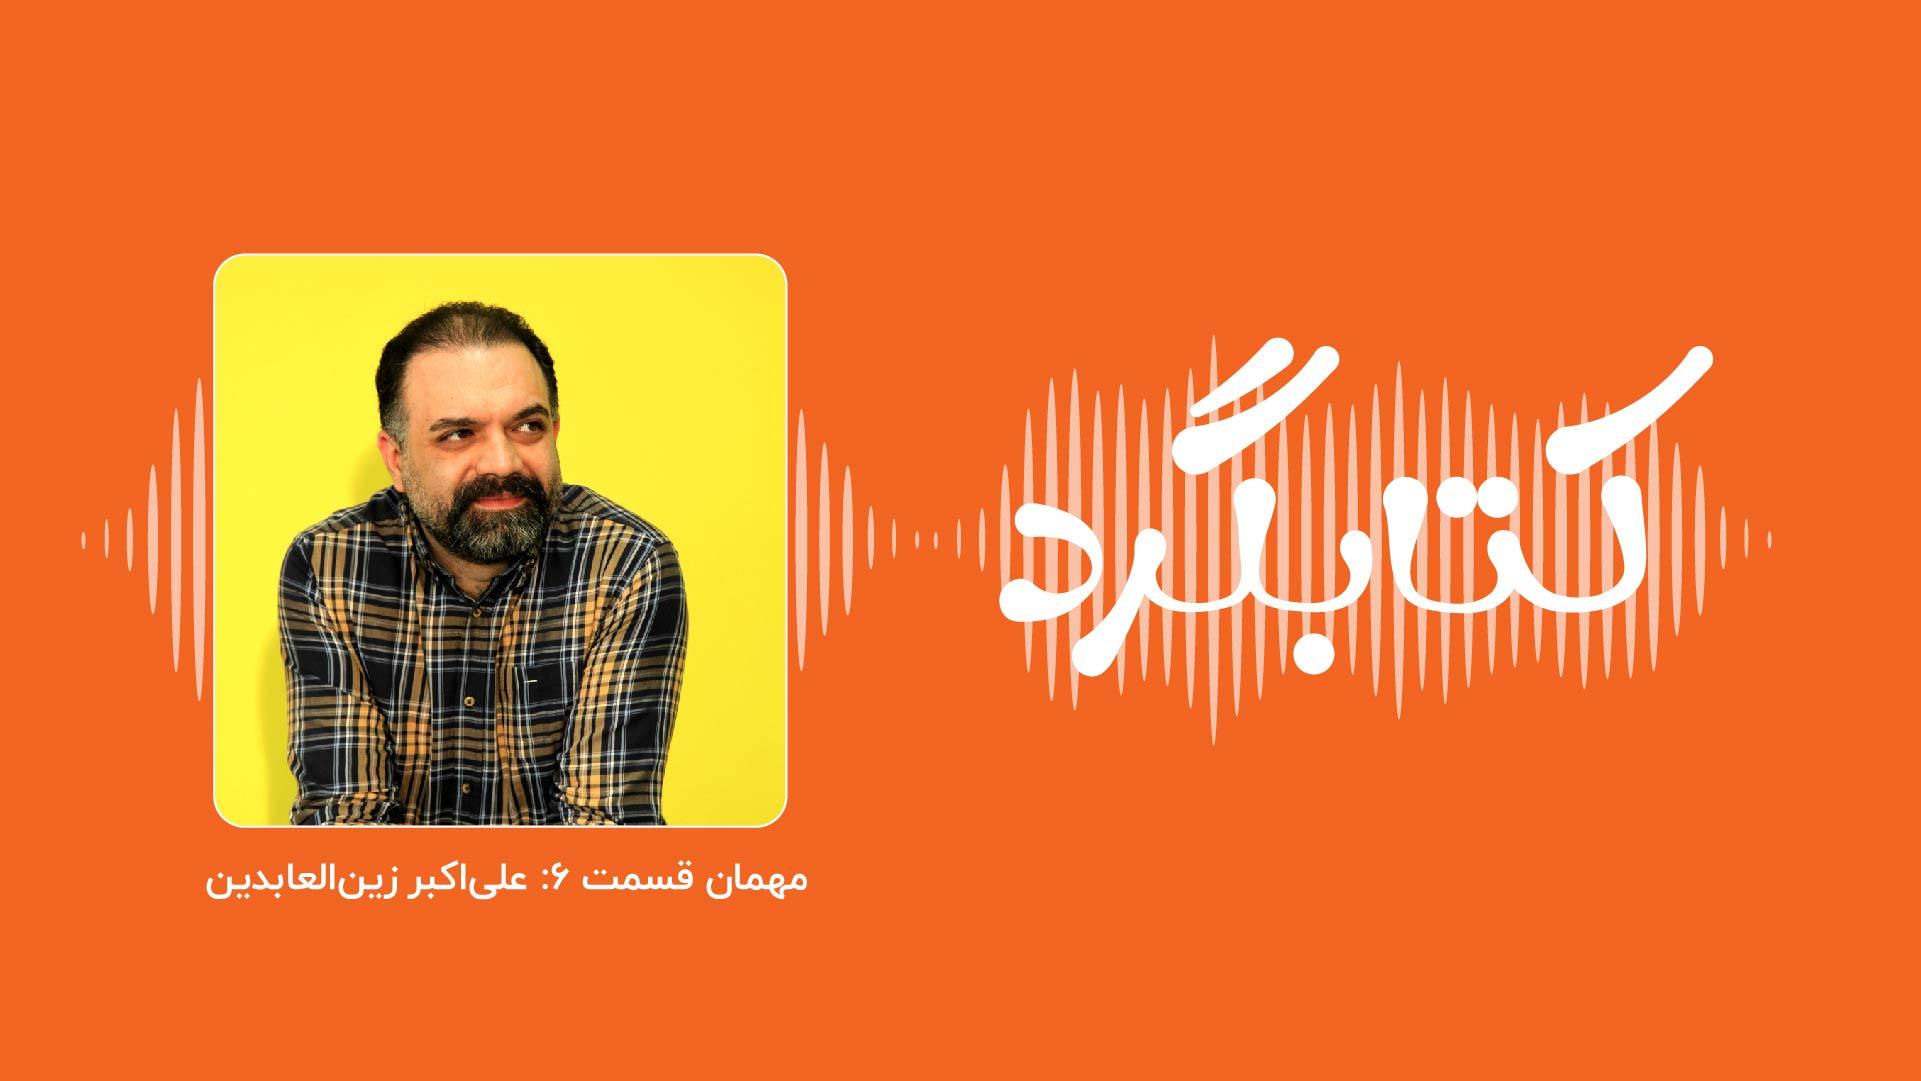 علی اکبر زینالعادبدین